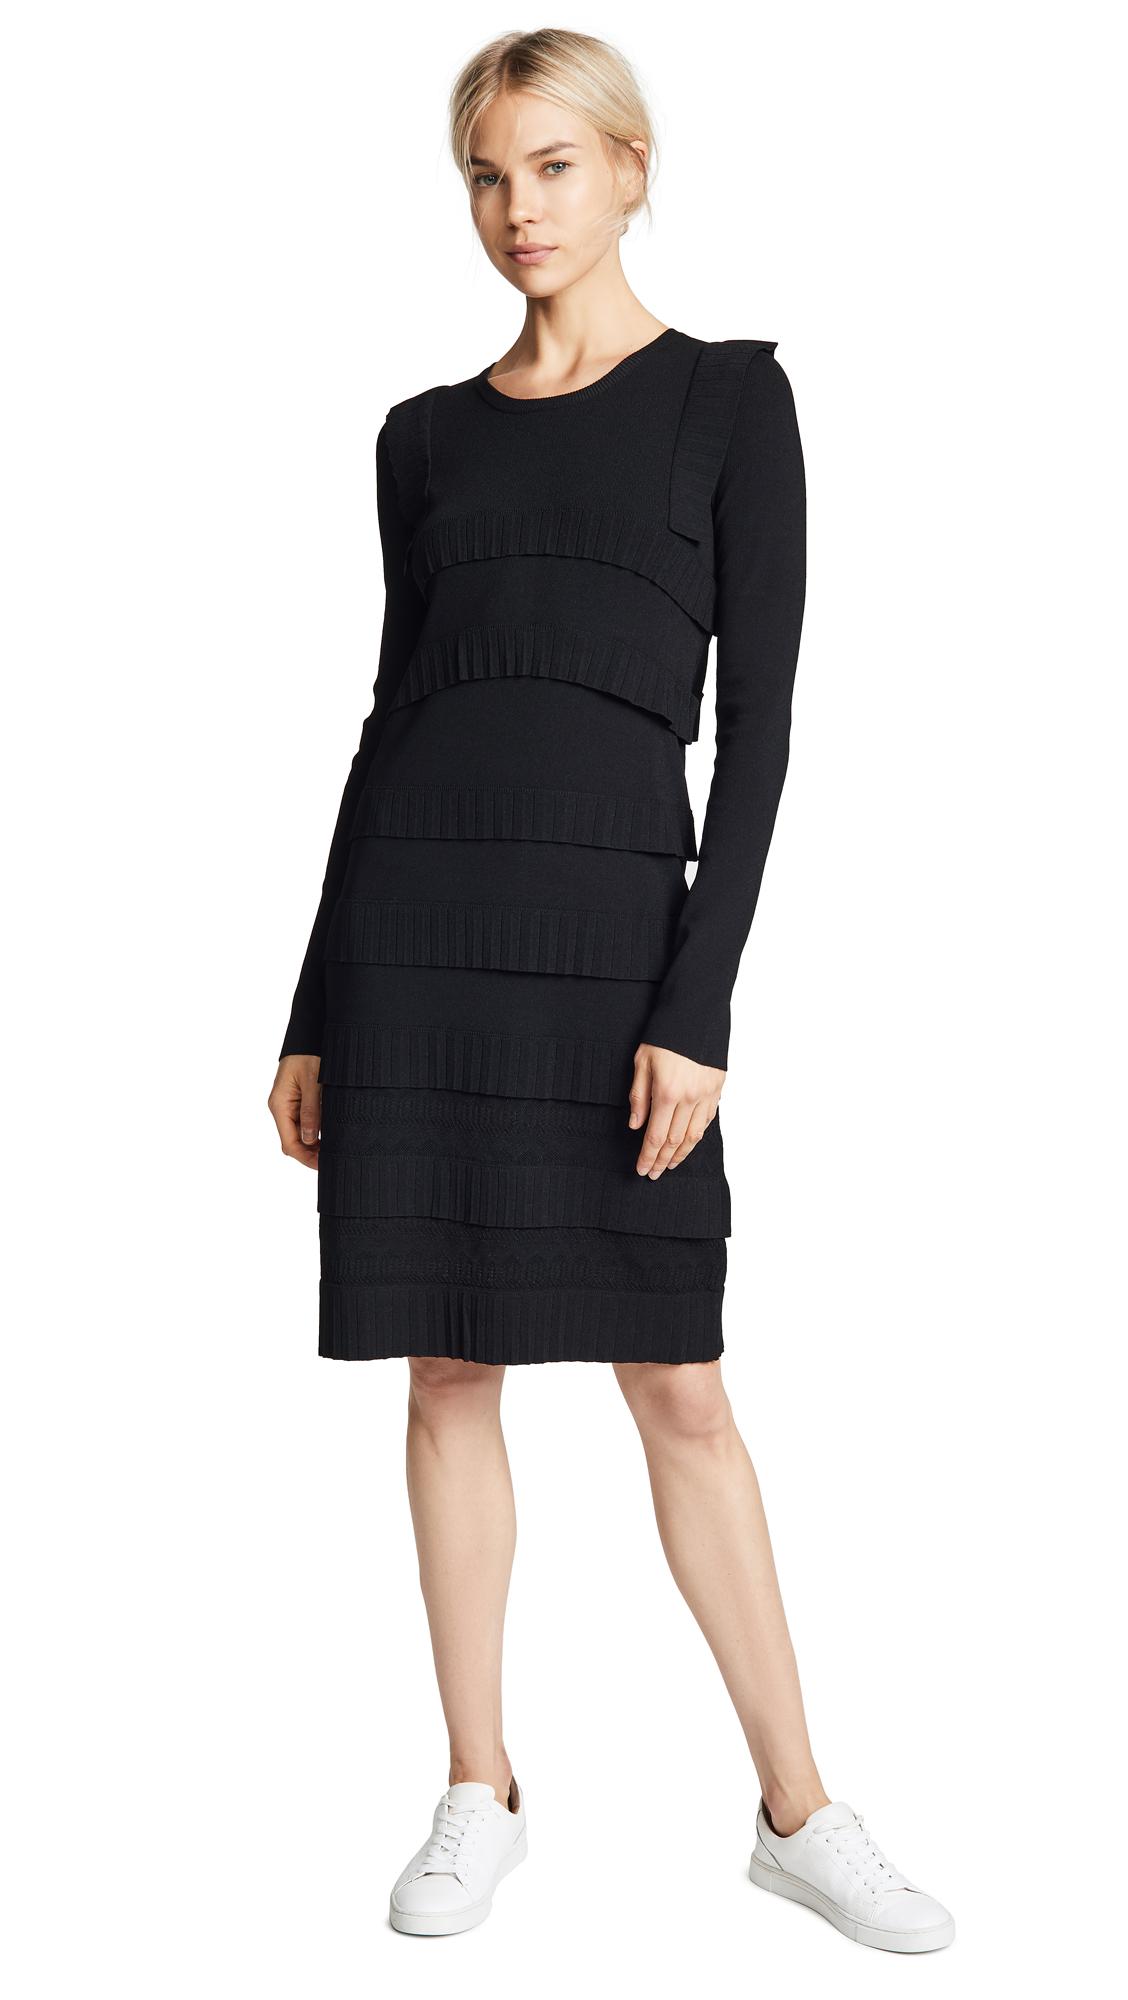 Carven Ruffle Trim Sweater Dress In Noir